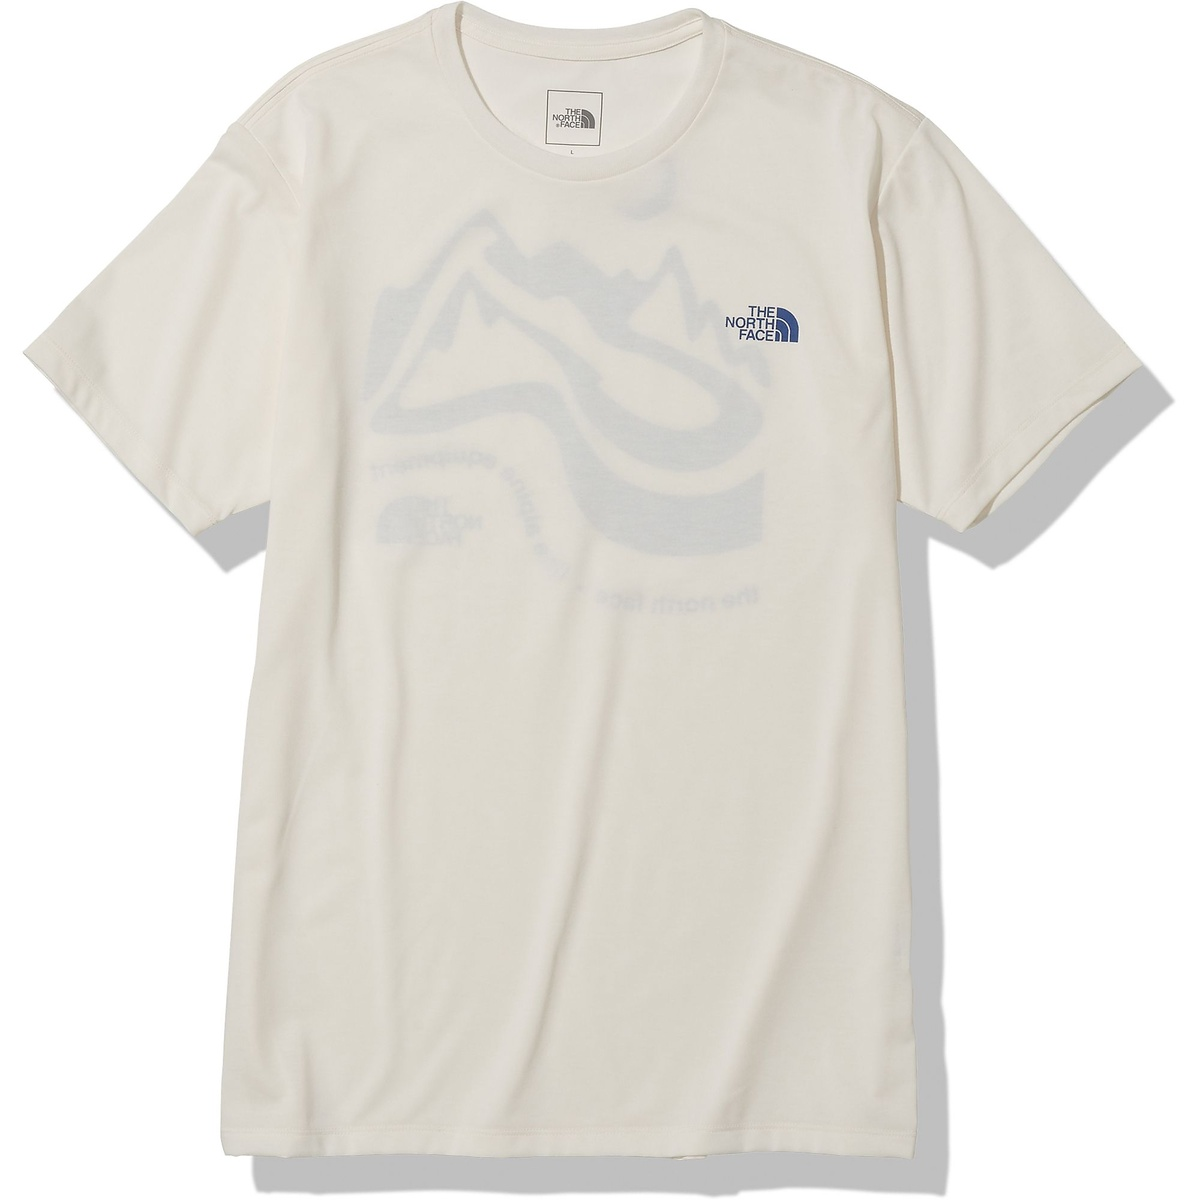 ノースフェイス 送料無料でお届けします 値下げ メンズスポーツウェア 半袖機能Tシャツ S MOONLIGHT TRAILS TEE NORTH メンズ NT82183 GW ショートスリーブムーンライトトレイルズティー FACE THE